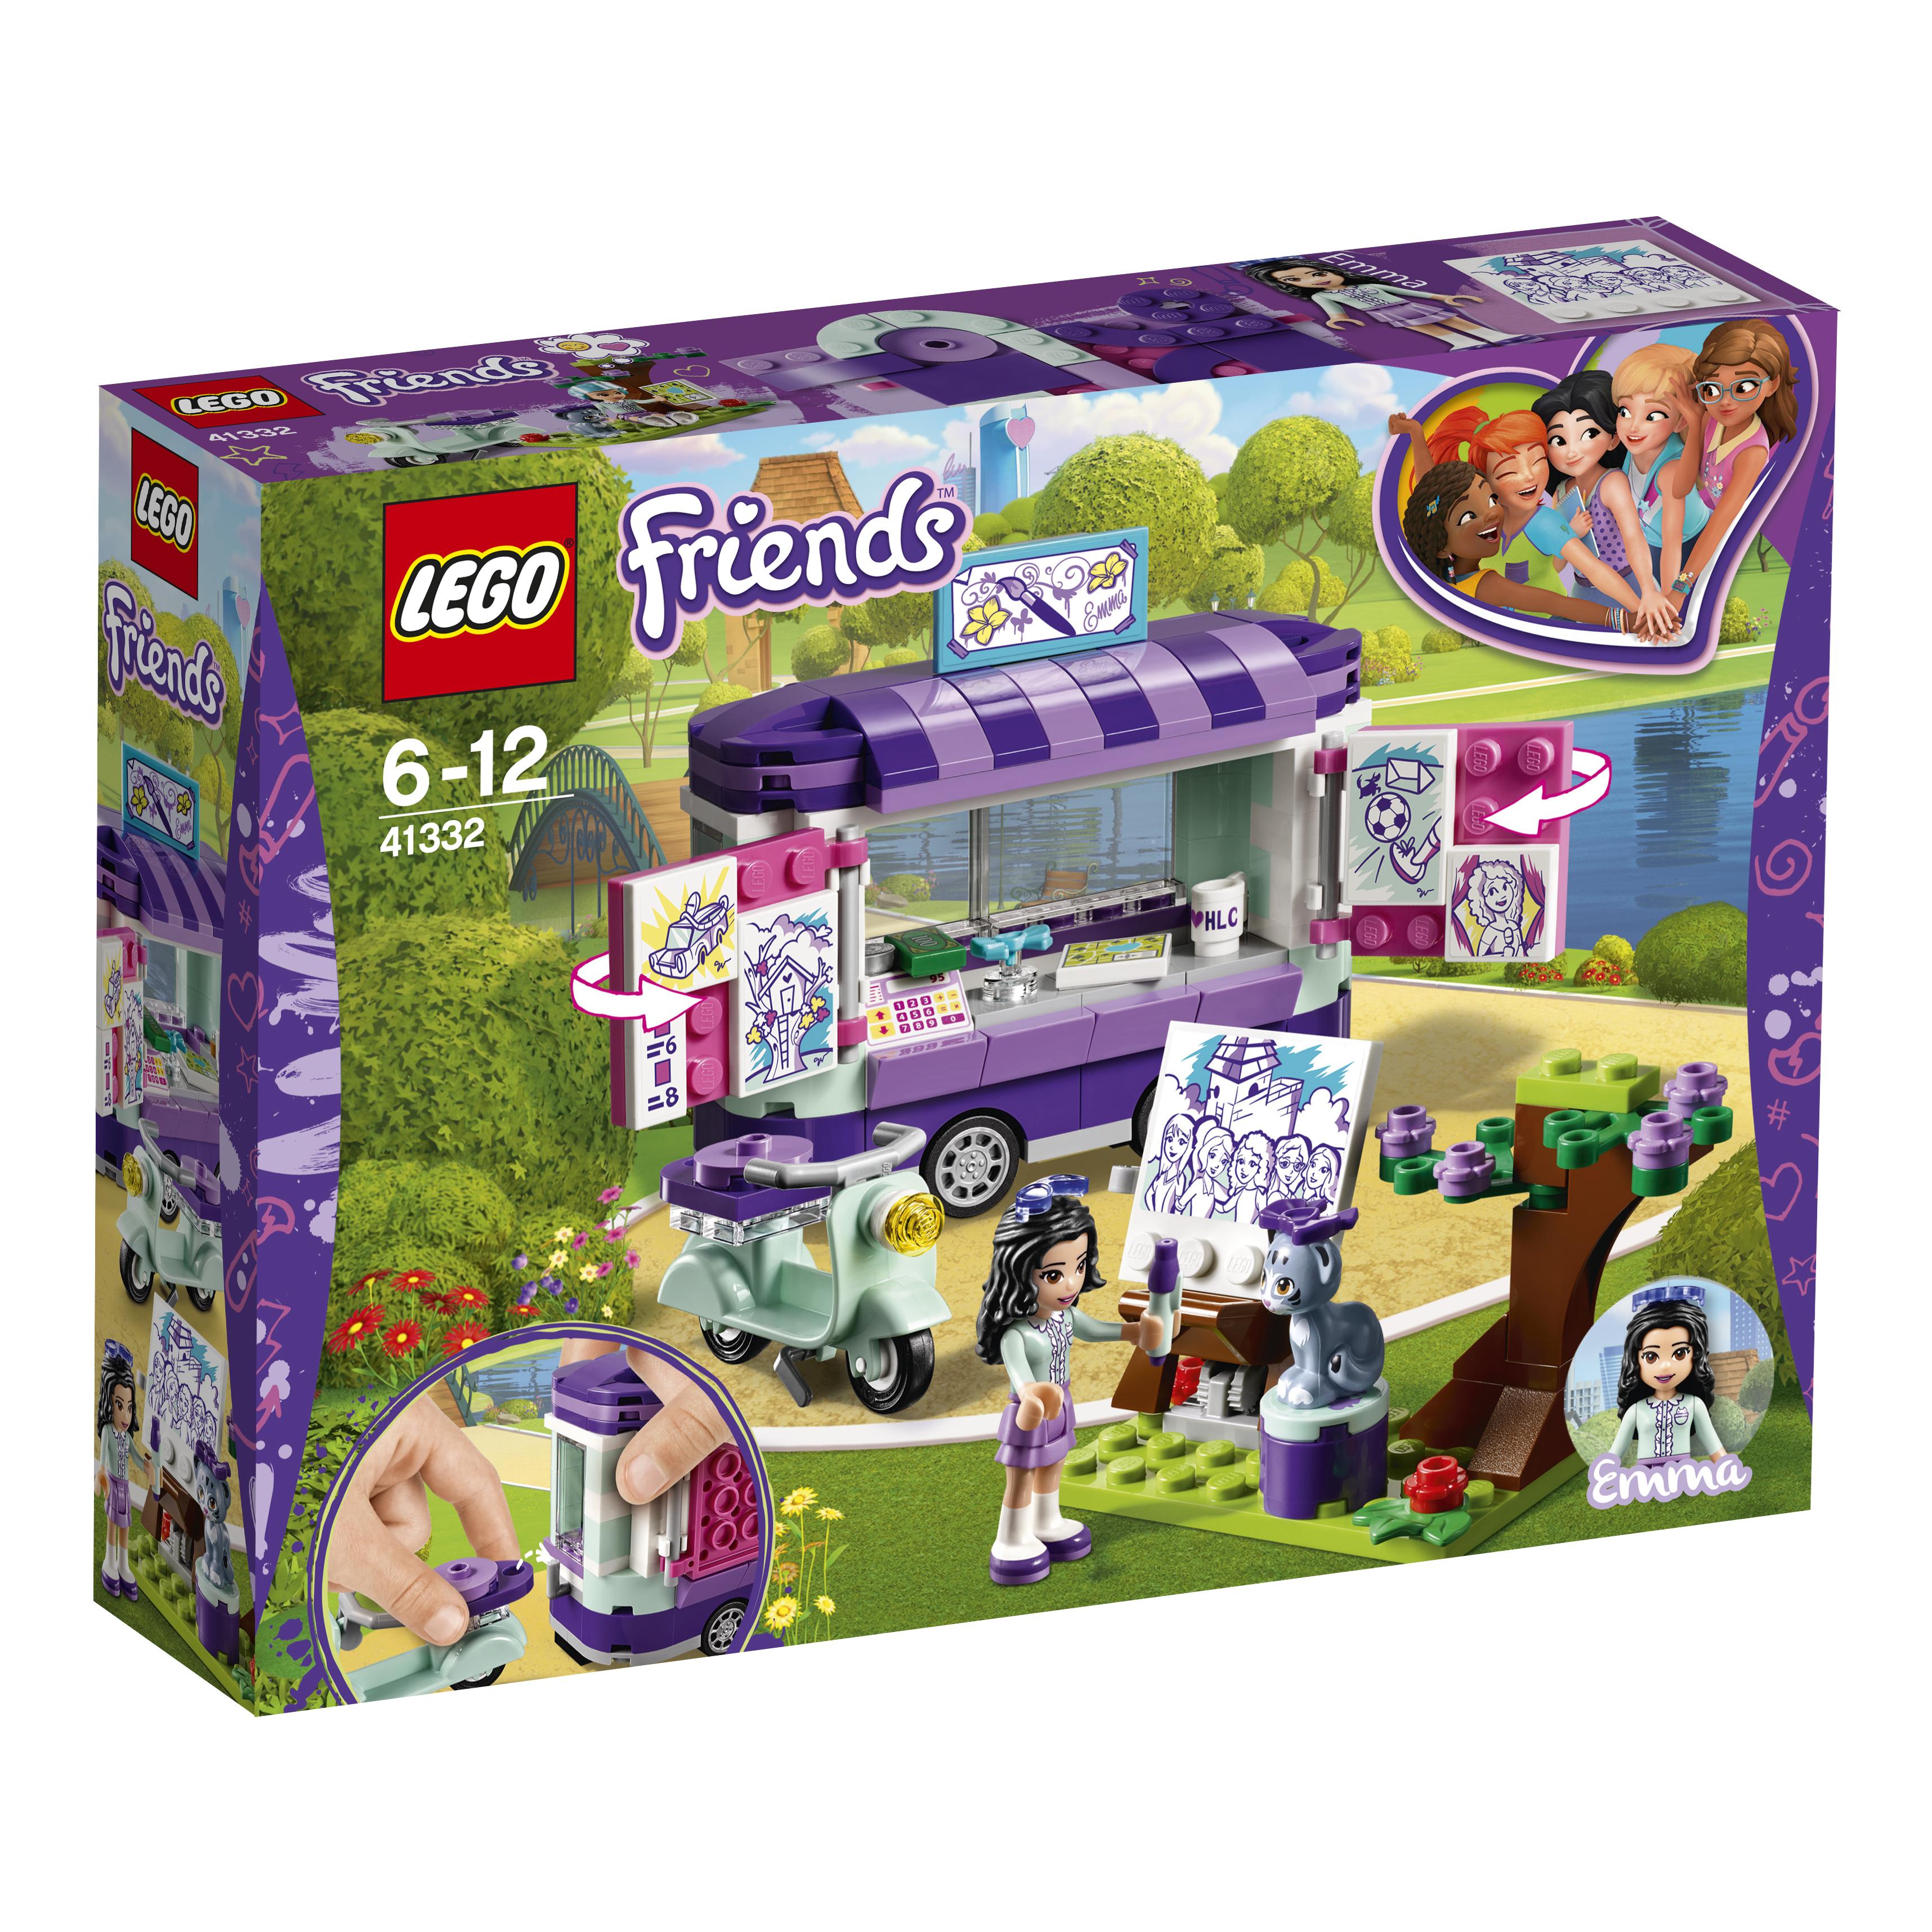 Конструктор LEGO Friends 41332 Передвижная творческая мастерская Эммы цена